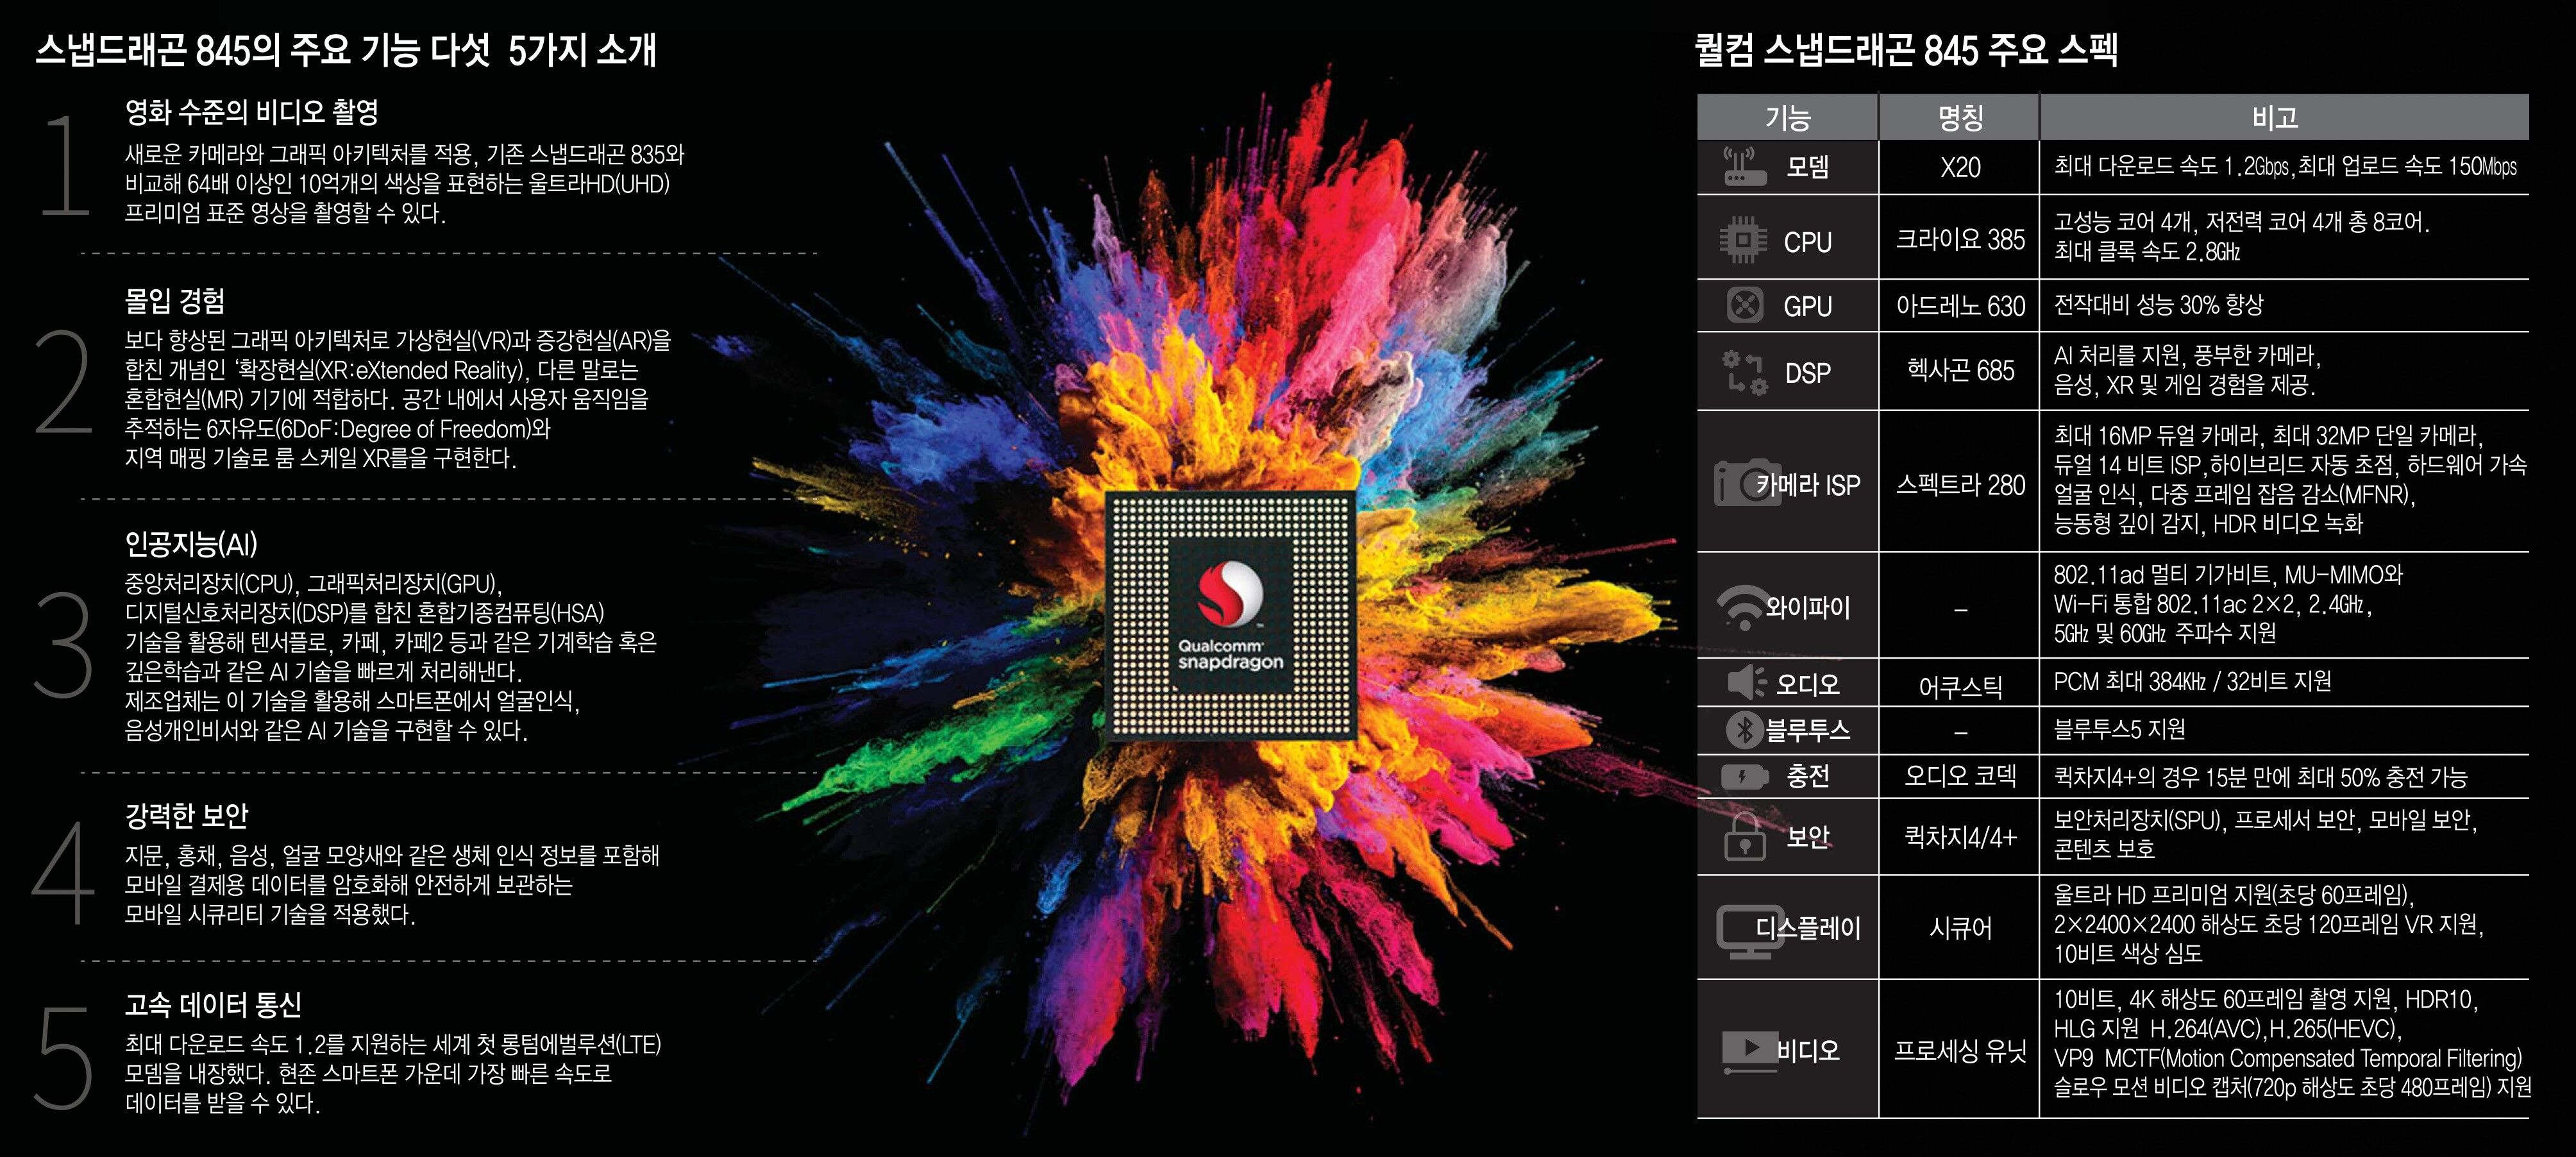 [이슈분석] 스냅드래곤 845 베일벗다… 새해 스마트폰 전력 효율 15% 이상 향상